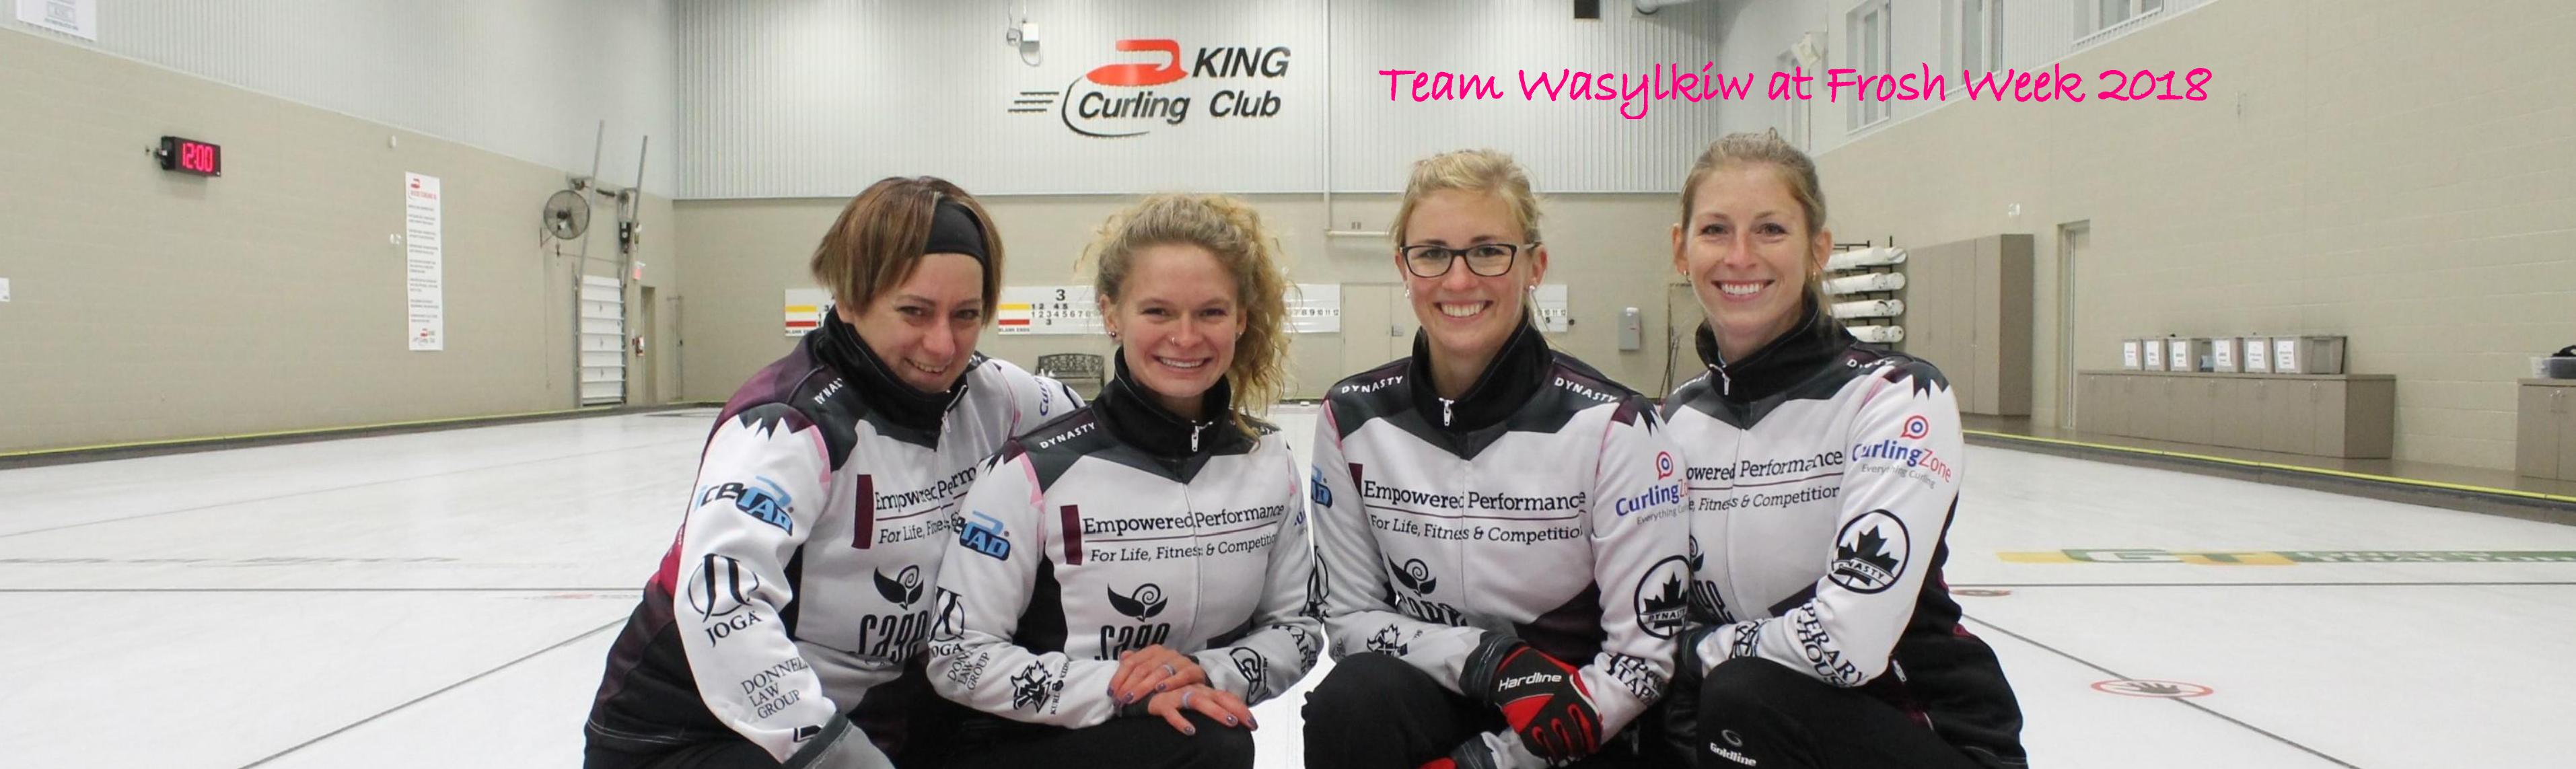 Team-Wasylkiw-Resize